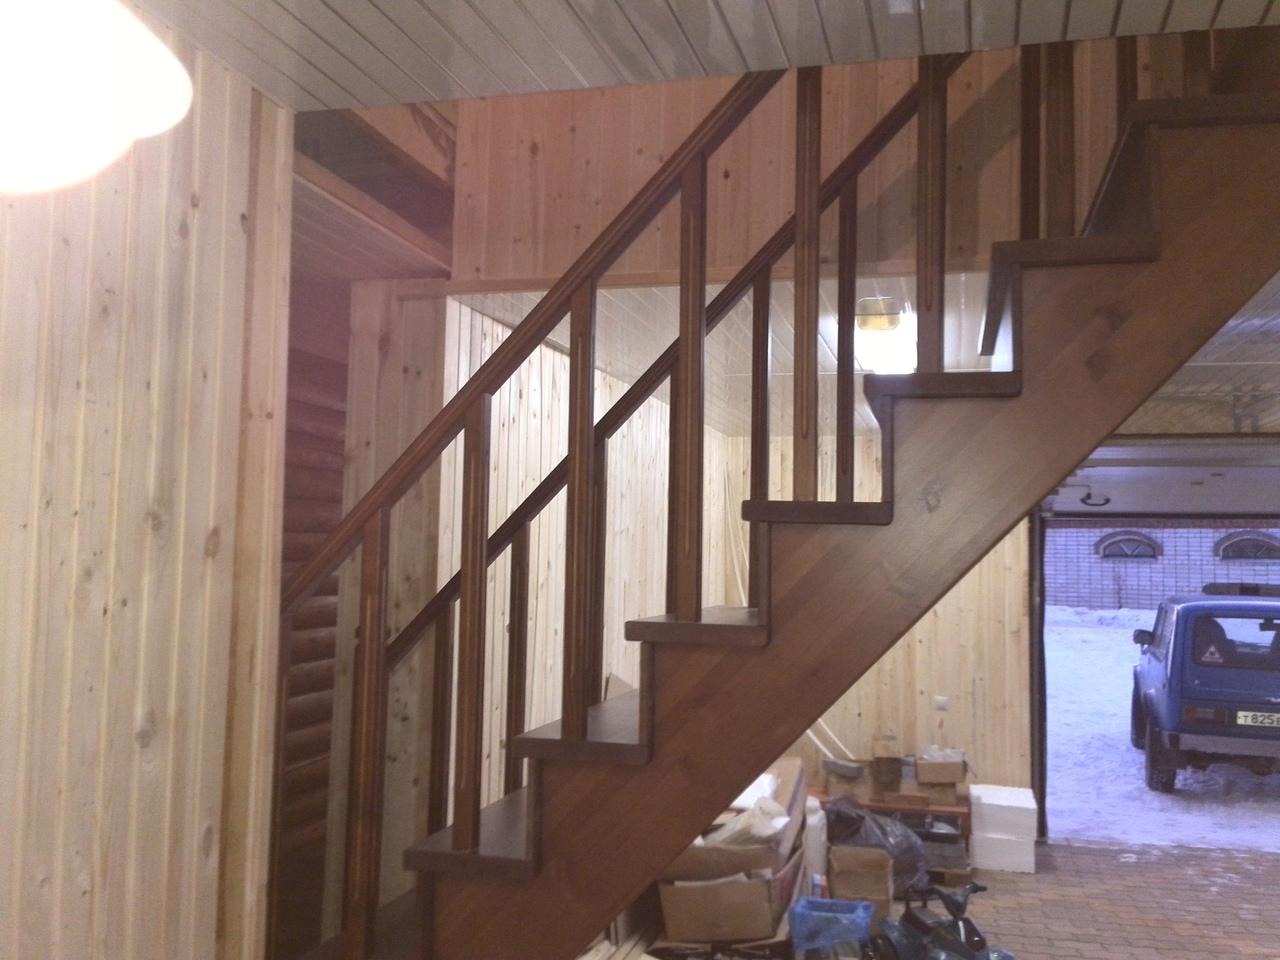 Изготовили и установили межэтажную лестницу простой формы из сосны, в частный дом по индивидуальному проекту